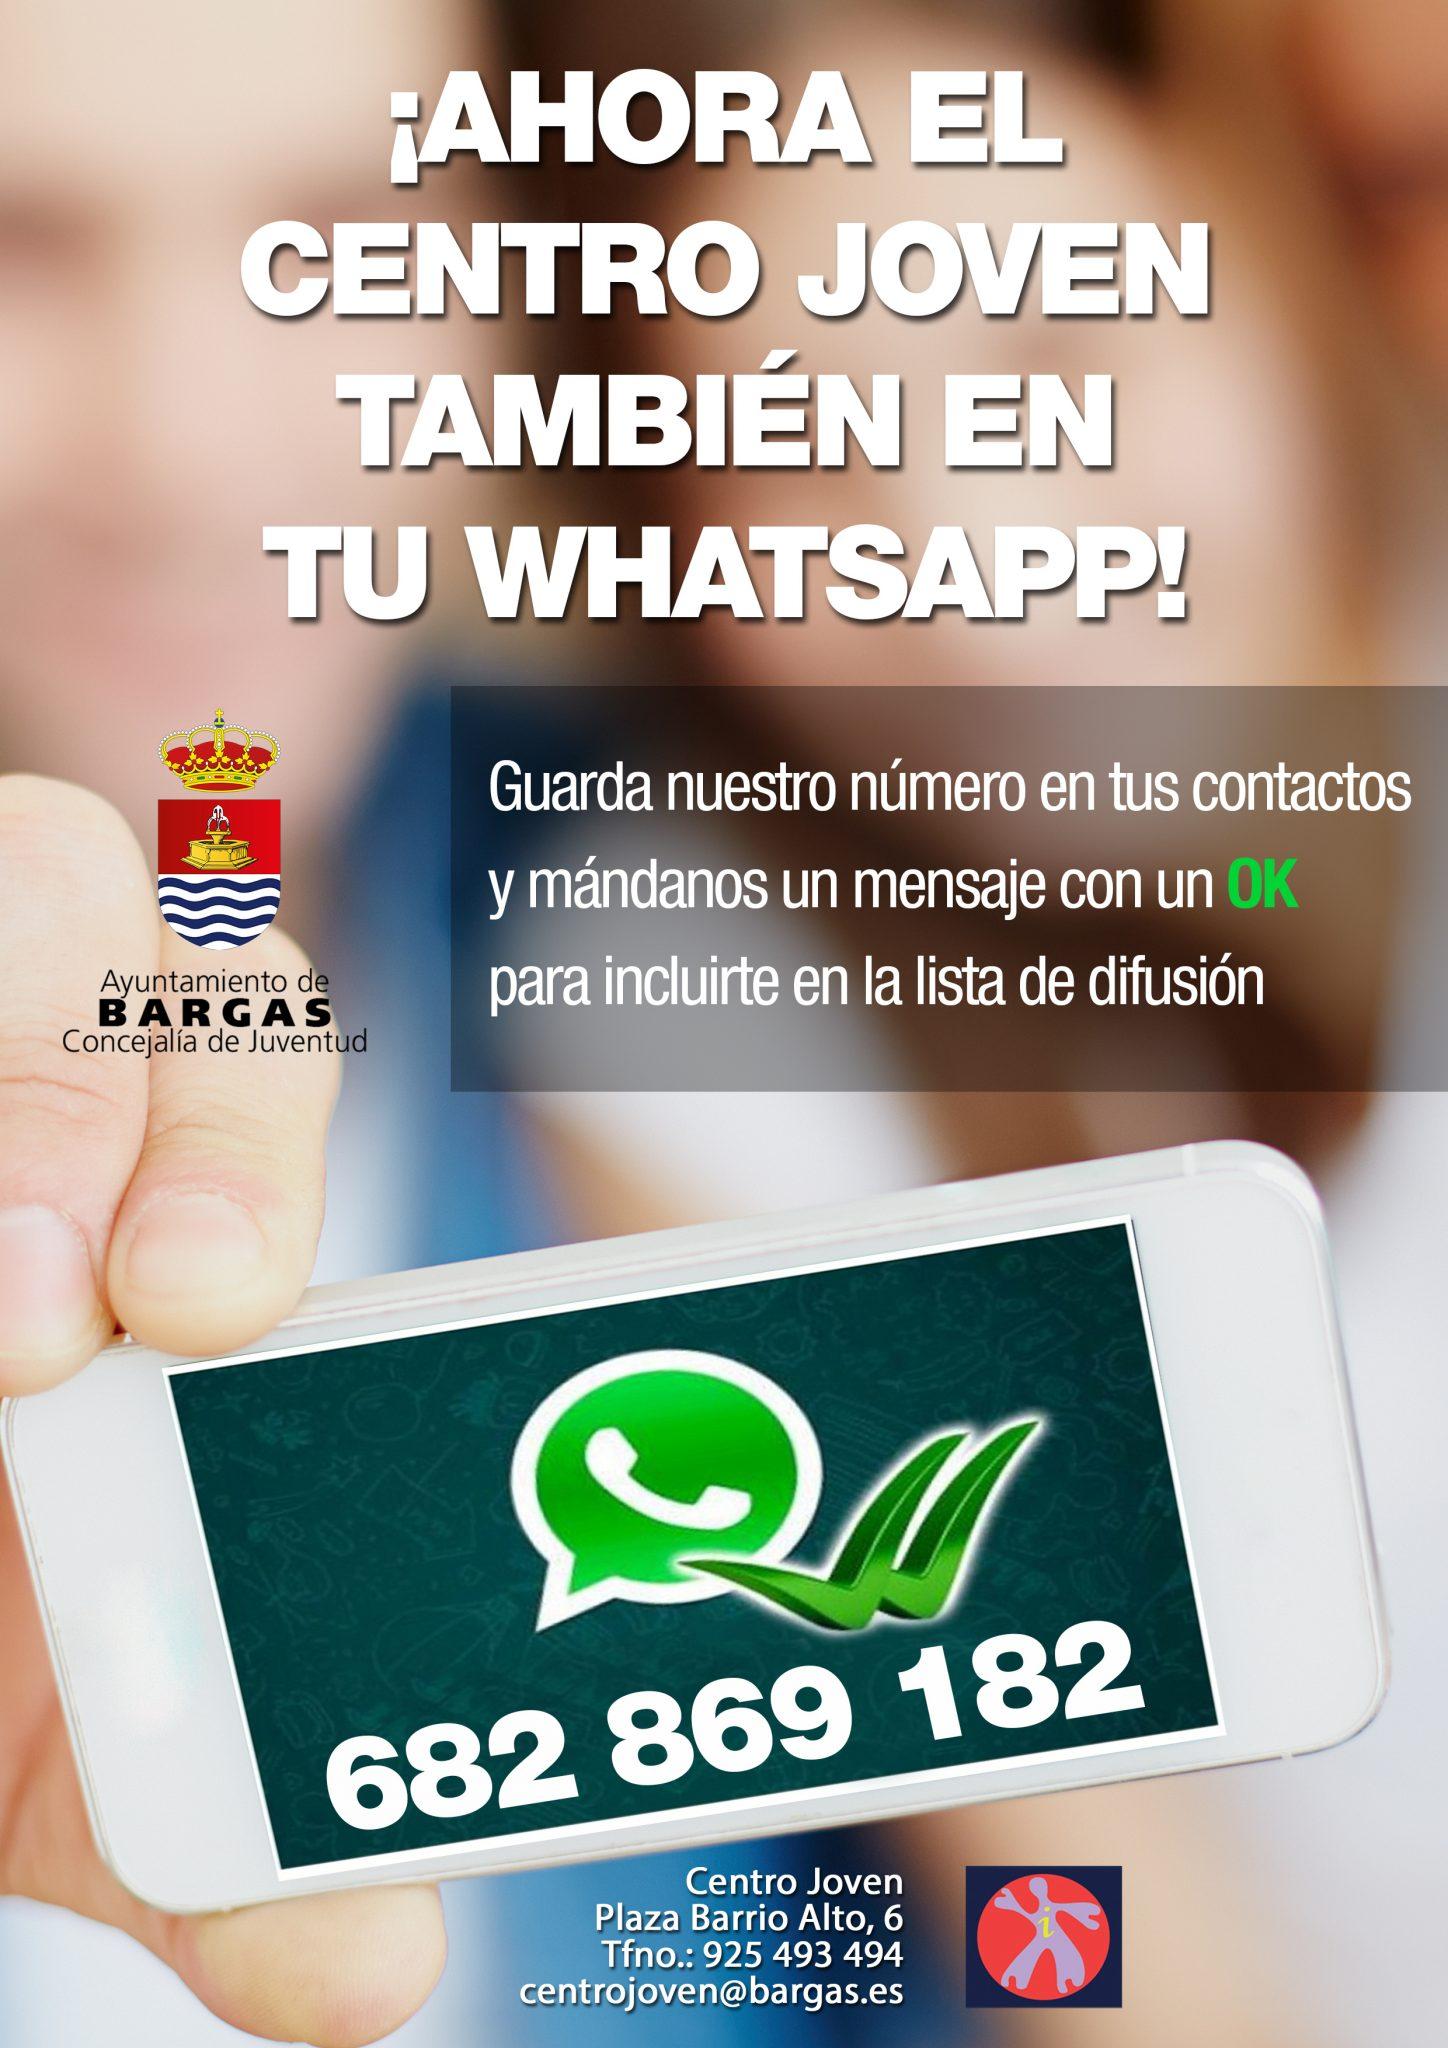 Bargas pone en marcha un nuevo servicio de consulta para jóvenes a través de WhatsApp